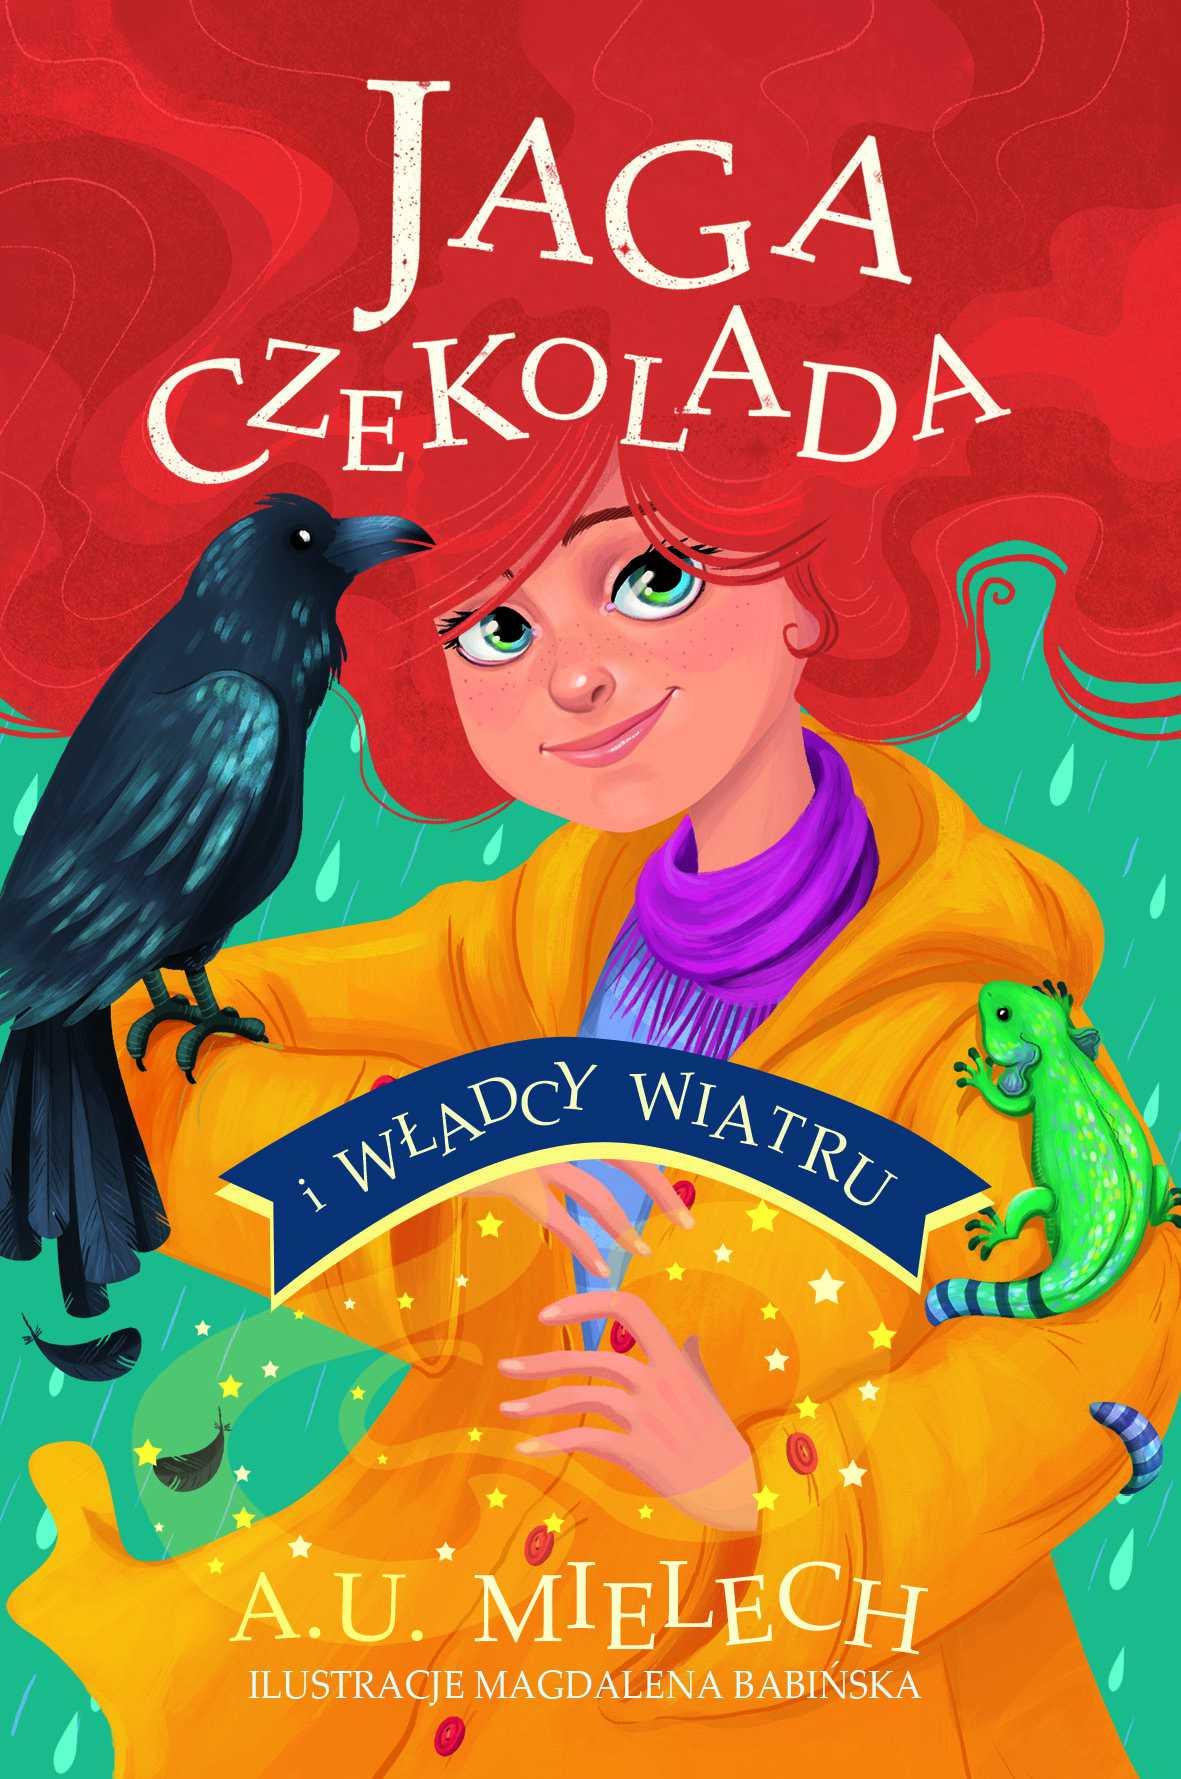 Jaga Czekolada i władcy wiatru. T. 2 - Ebook (Książka na Kindle) do pobrania w formacie MOBI